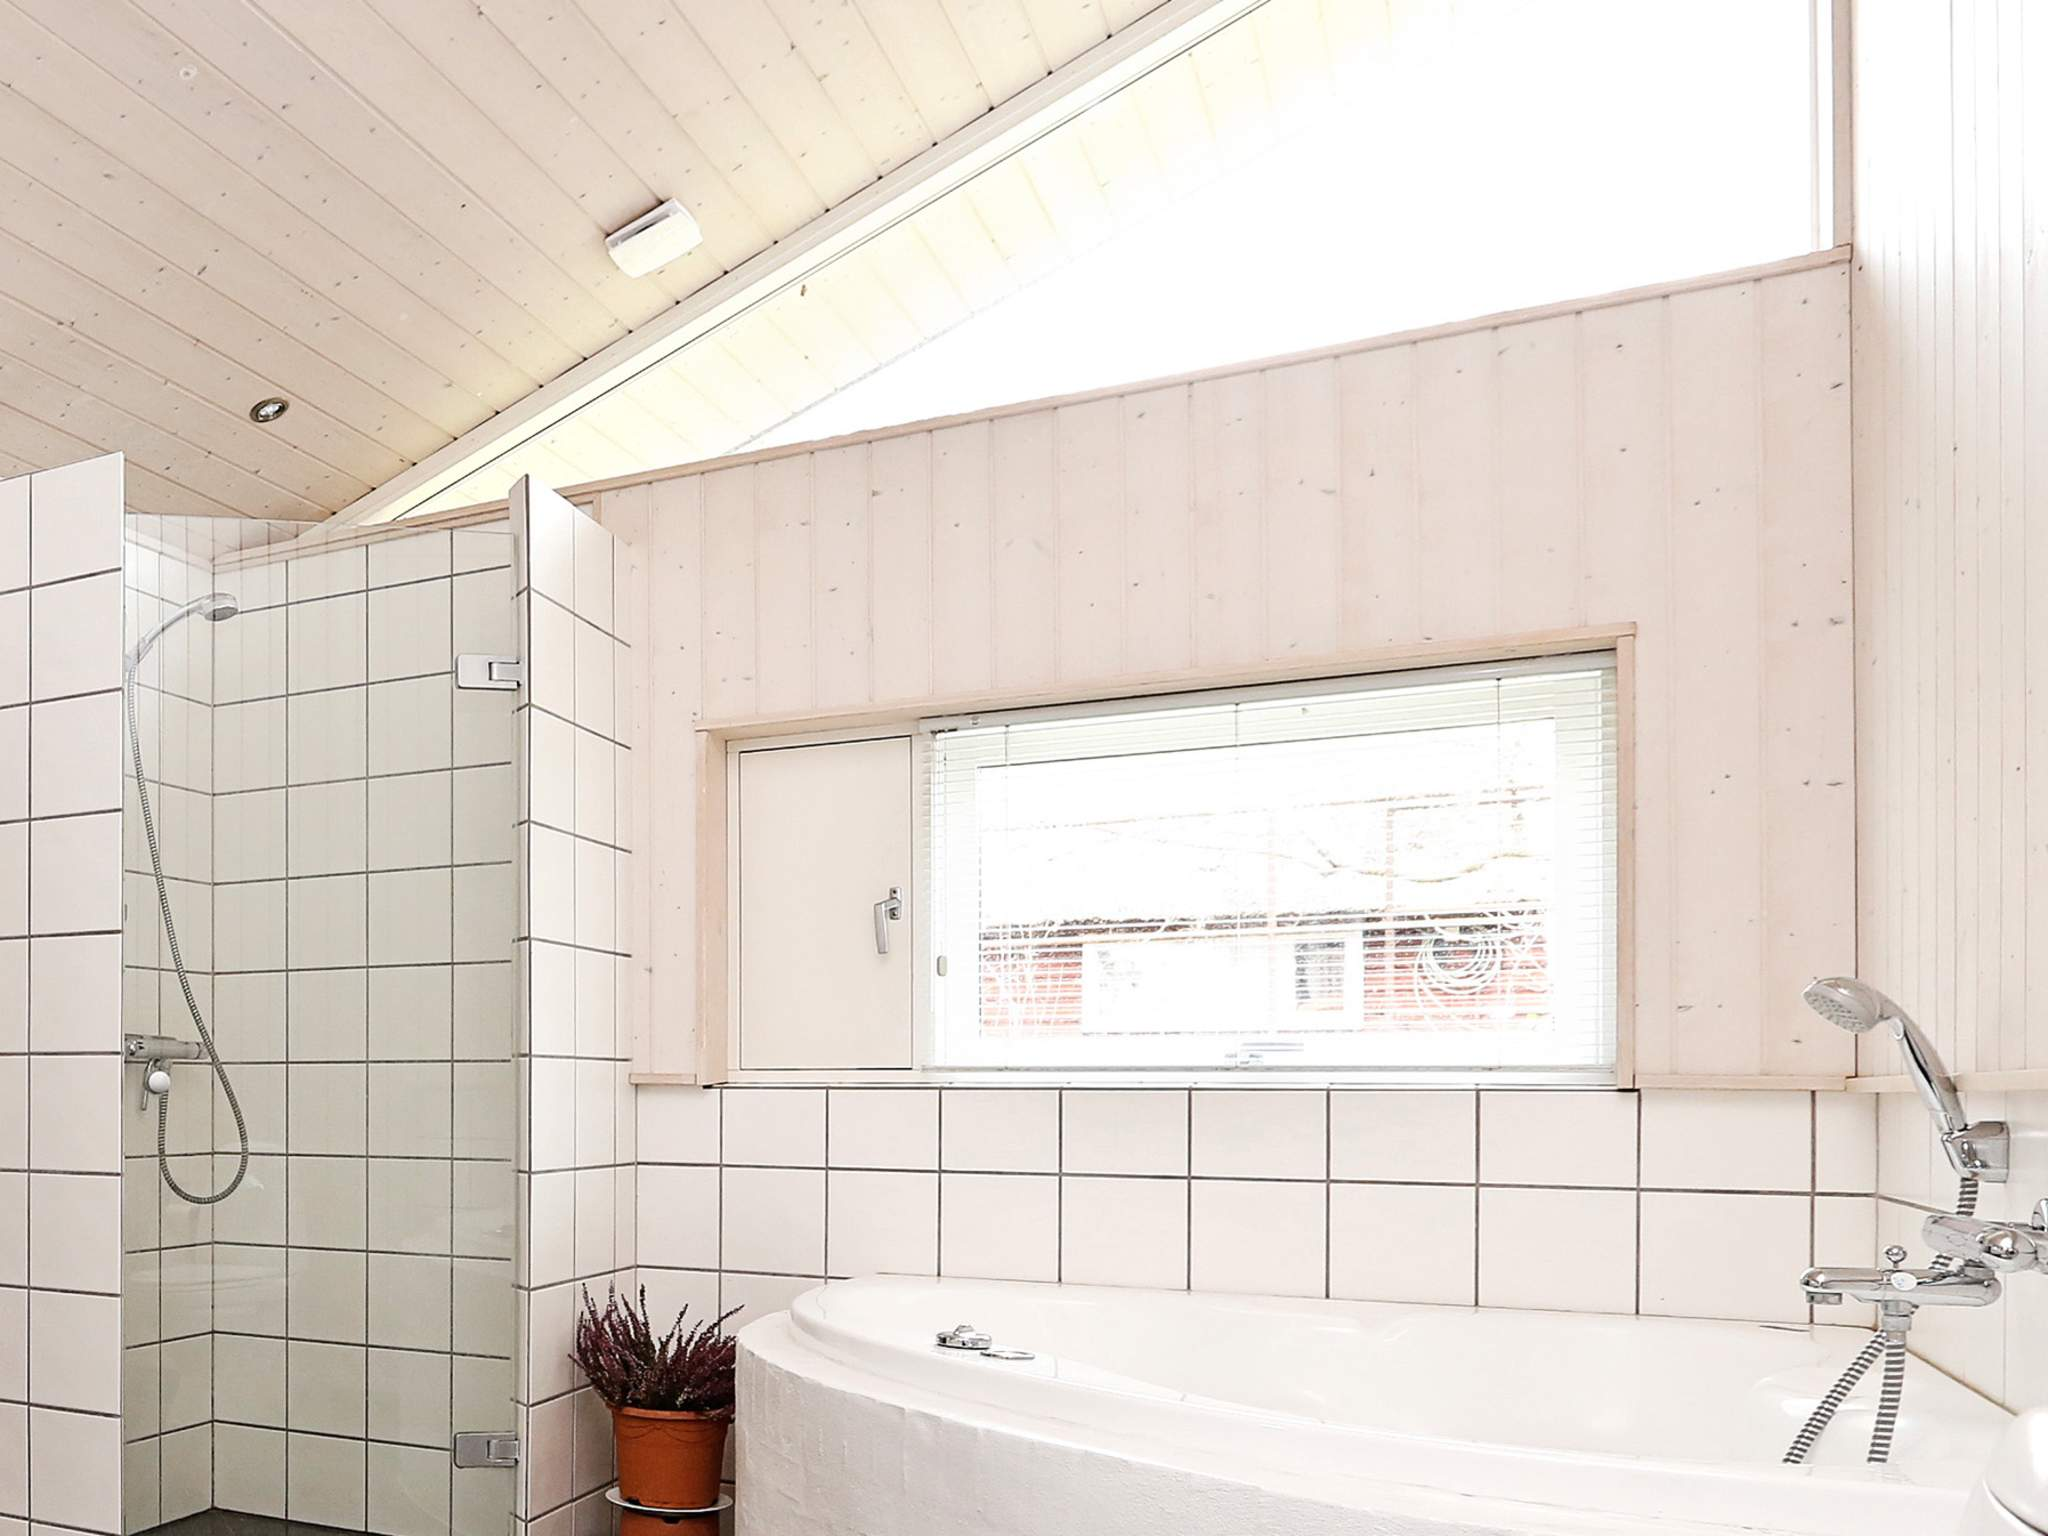 Ferienhaus Skibby (124927), Kirke Hyllinge, , Nordseeland, Dänemark, Bild 16